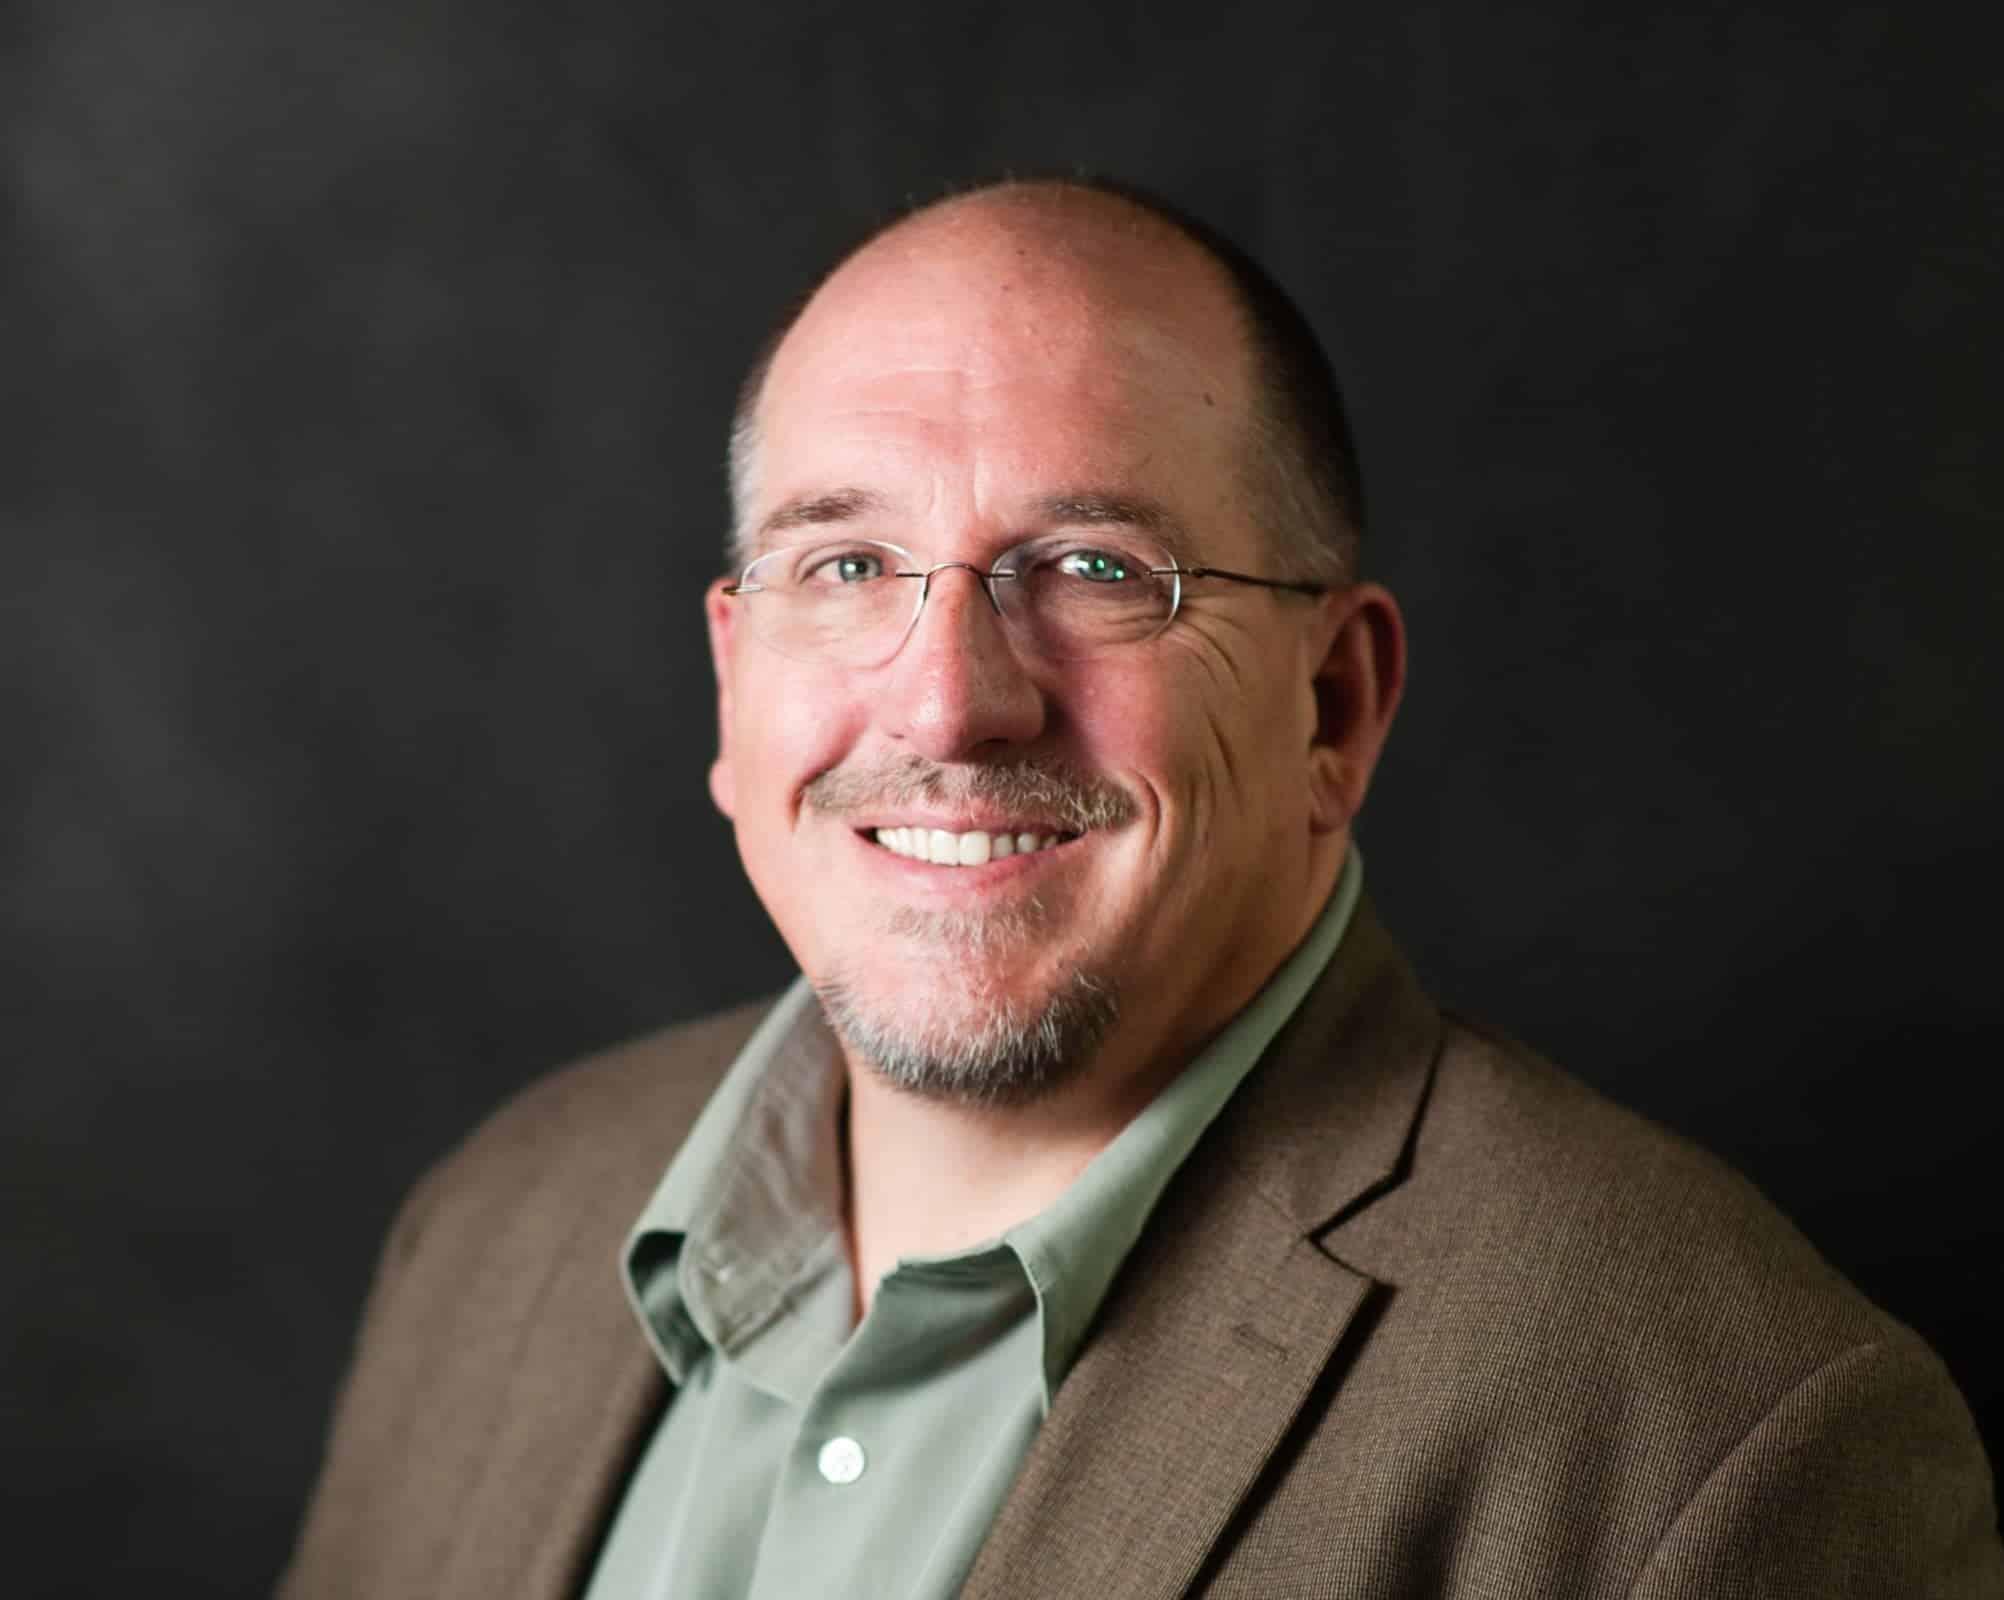 Dr. Jeff Lewis